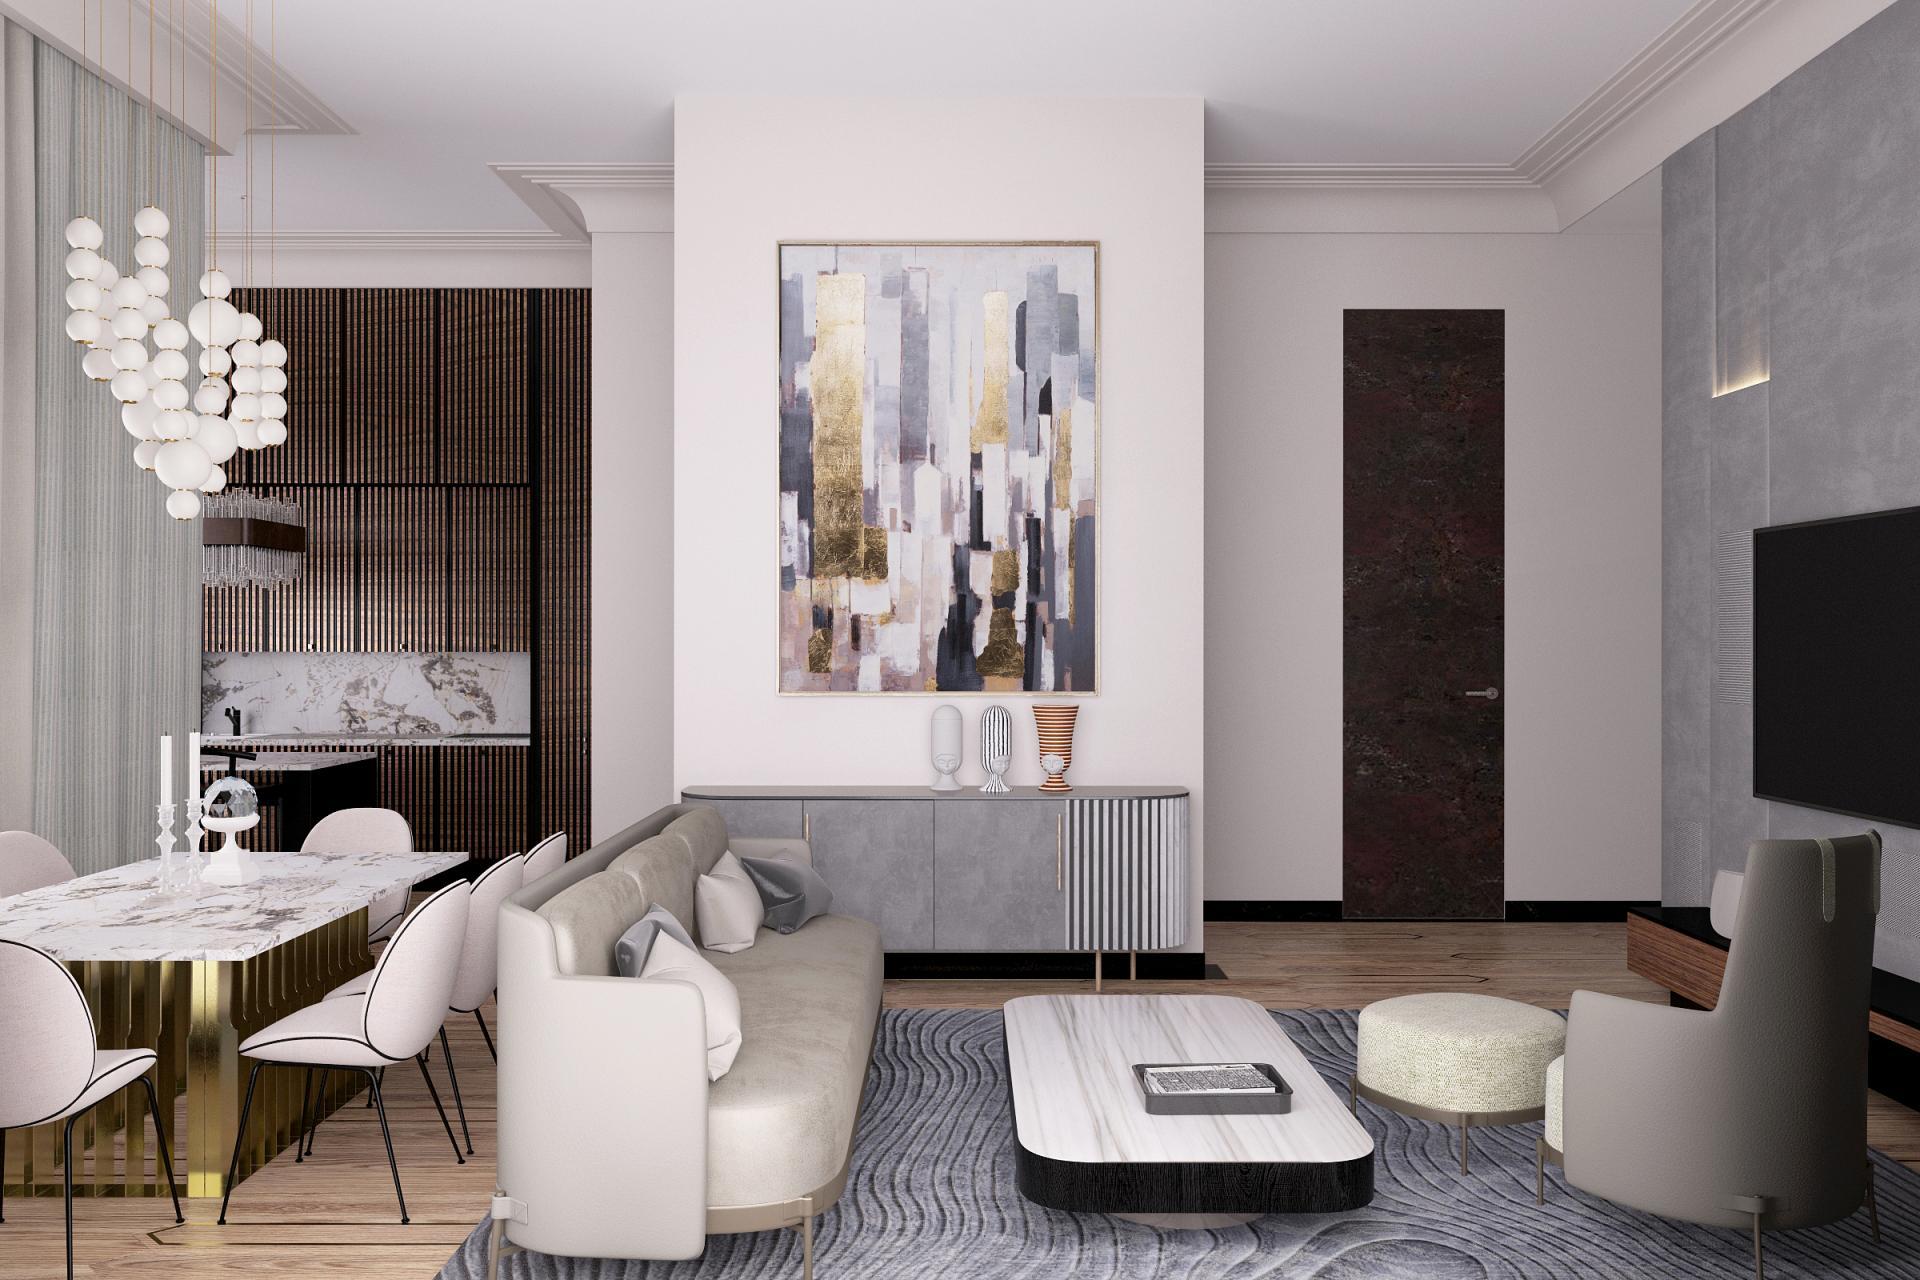 Дизайн пентхауса в ЖК Резиденция Монэ площадью 126 кв.м. в современном стиле для молодого человека